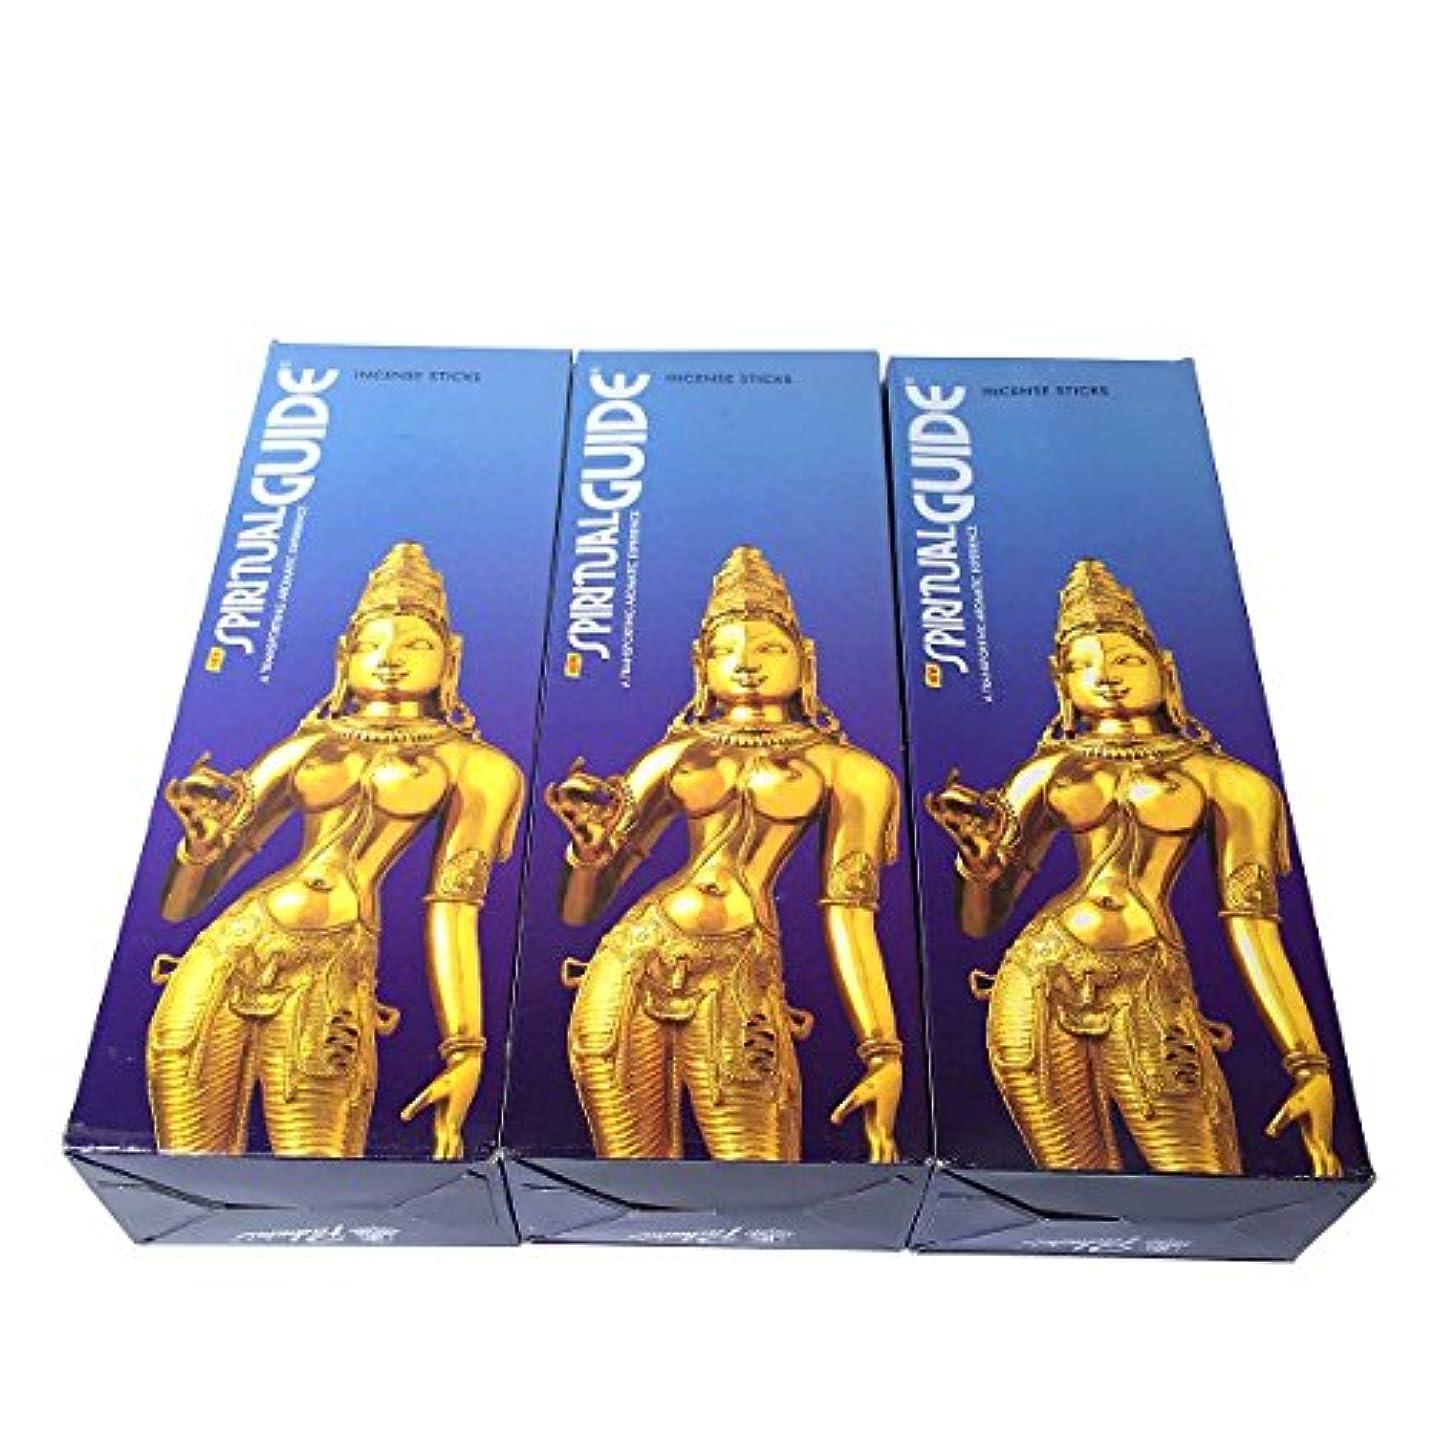 スピリチュアルガイド香スティック 3BOX(18箱) /PADMINI SPIRITUALGUIDE/インセンス/インド香 お香 [並行輸入品]